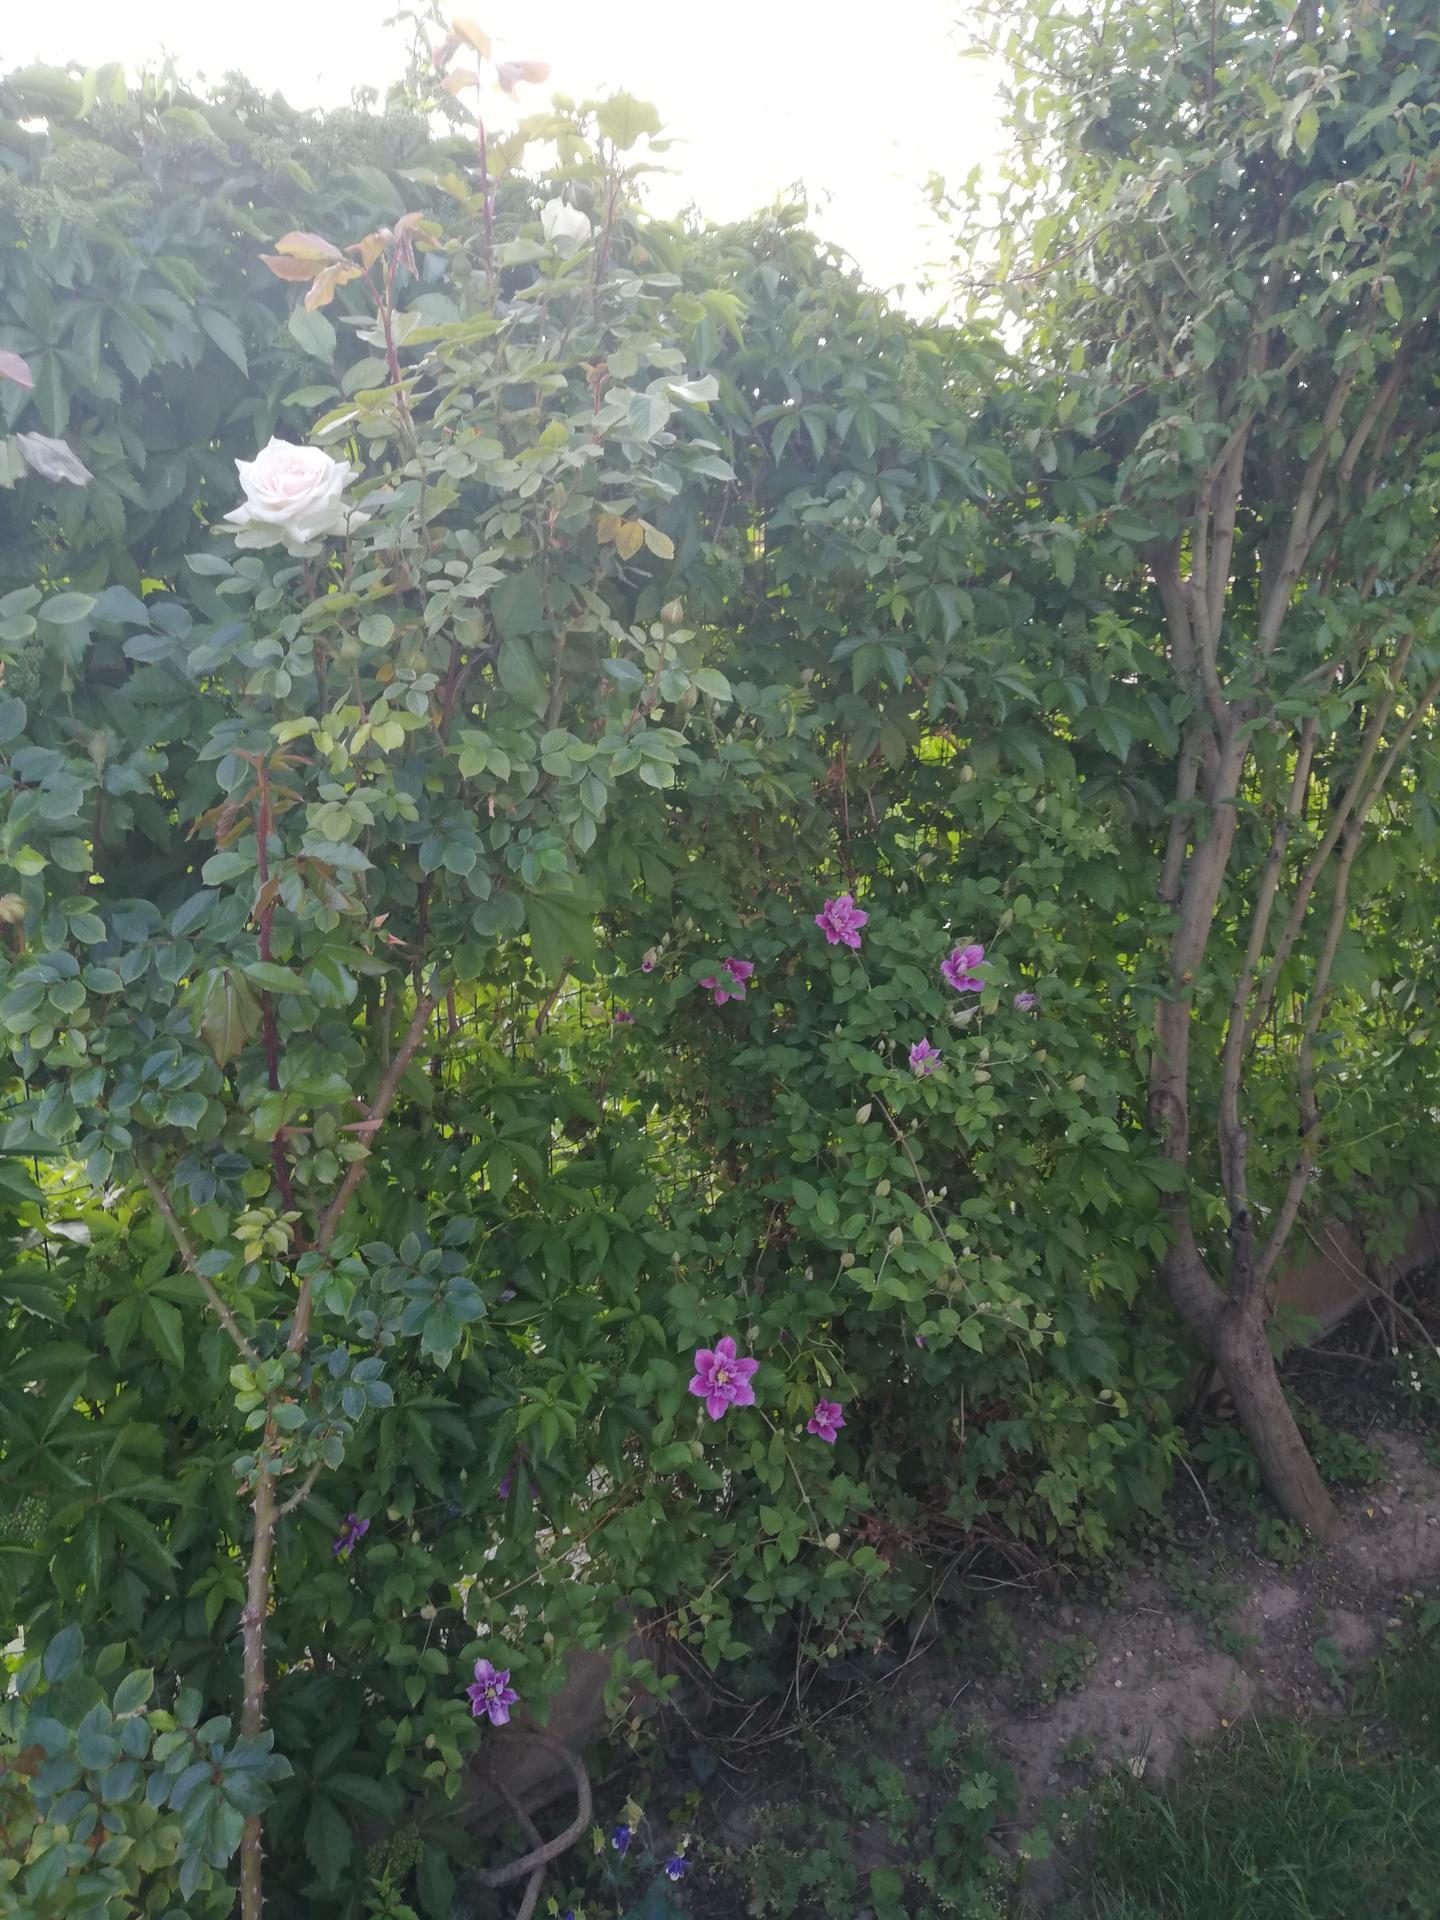 trochu zo záhrady - Obrázok č. 1